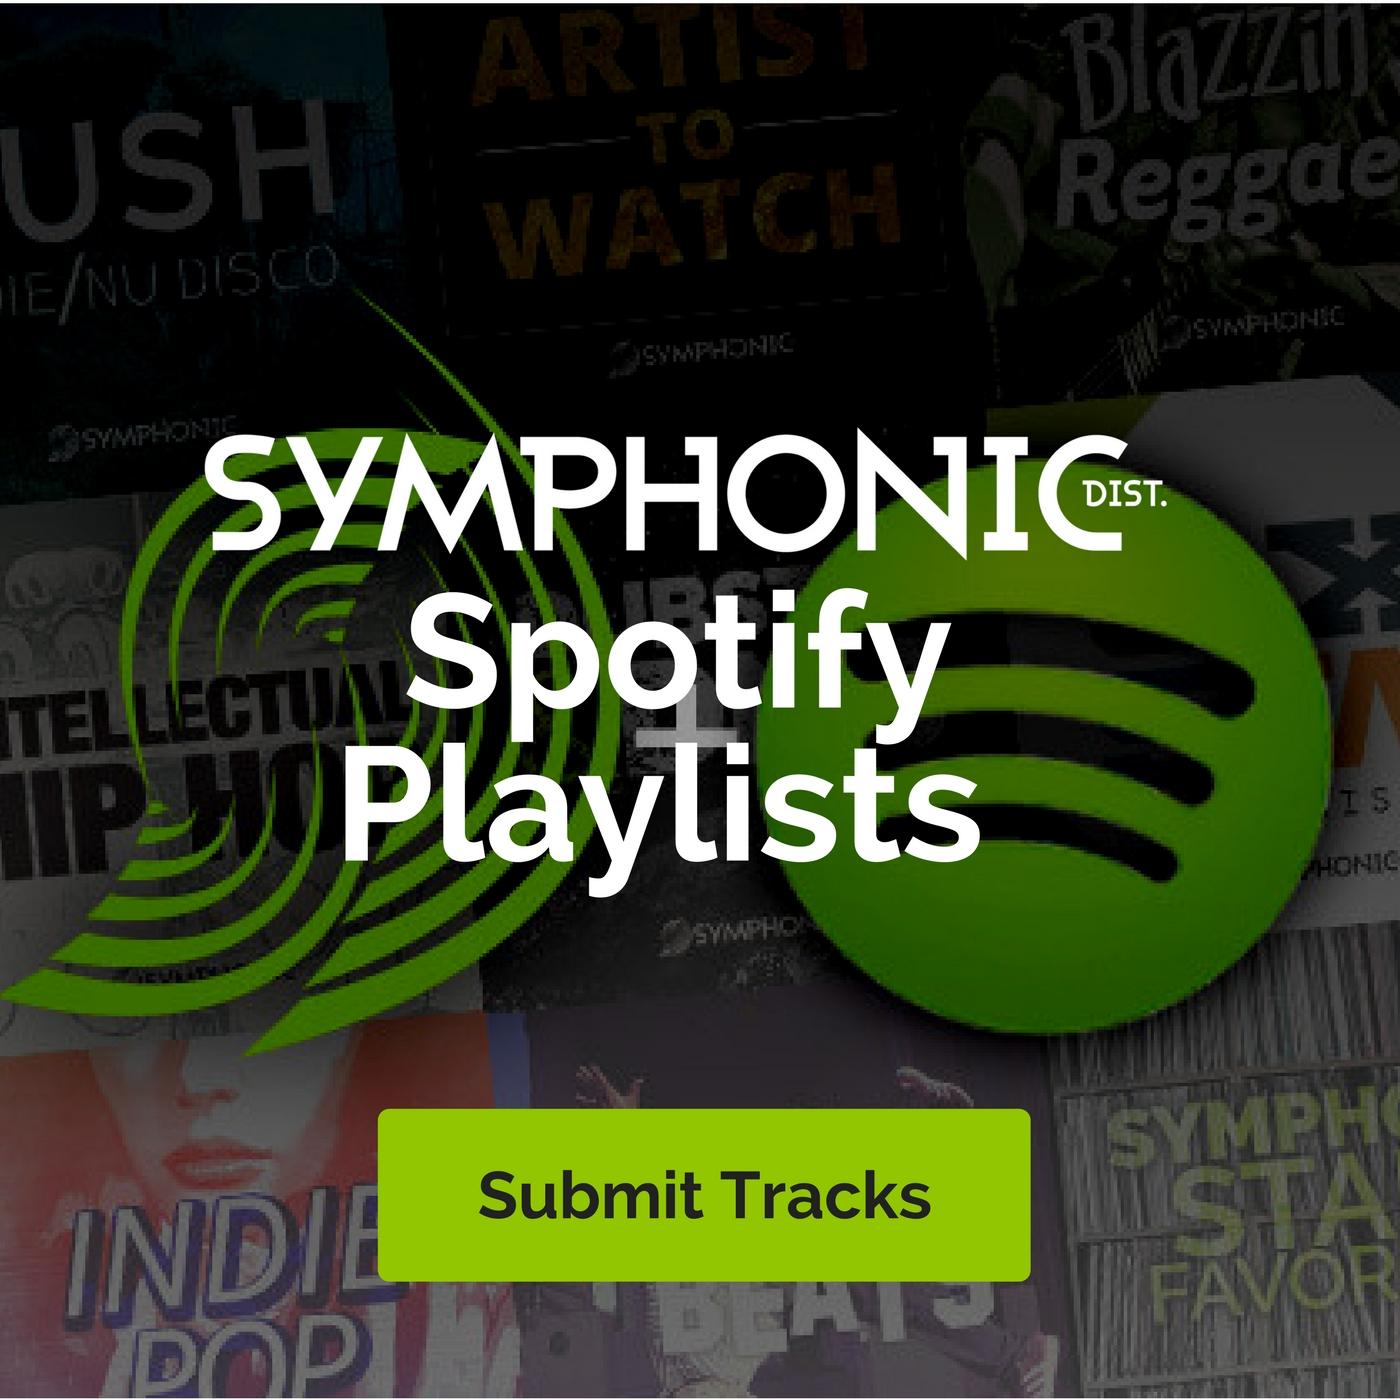 submit to spotify playlists